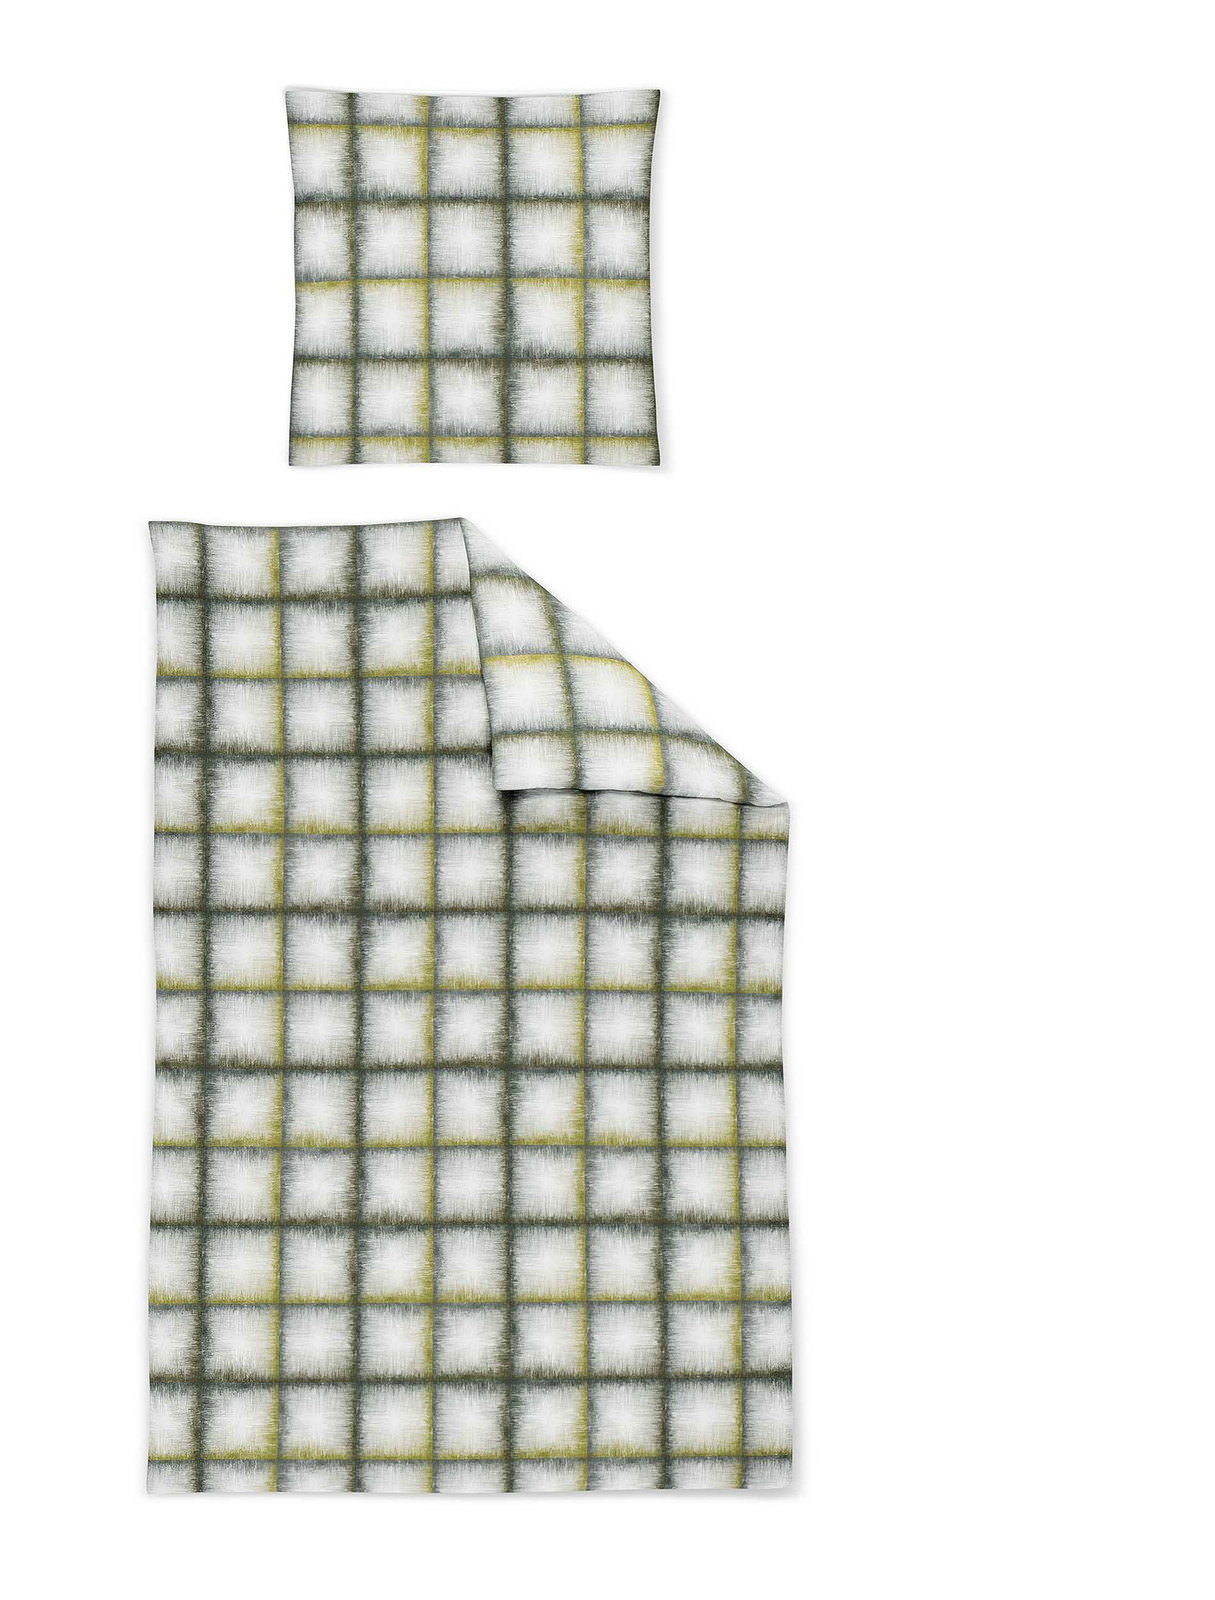 Irisette Soft Jersey Bettwäsche Grün Online Entdecken Schaffrath